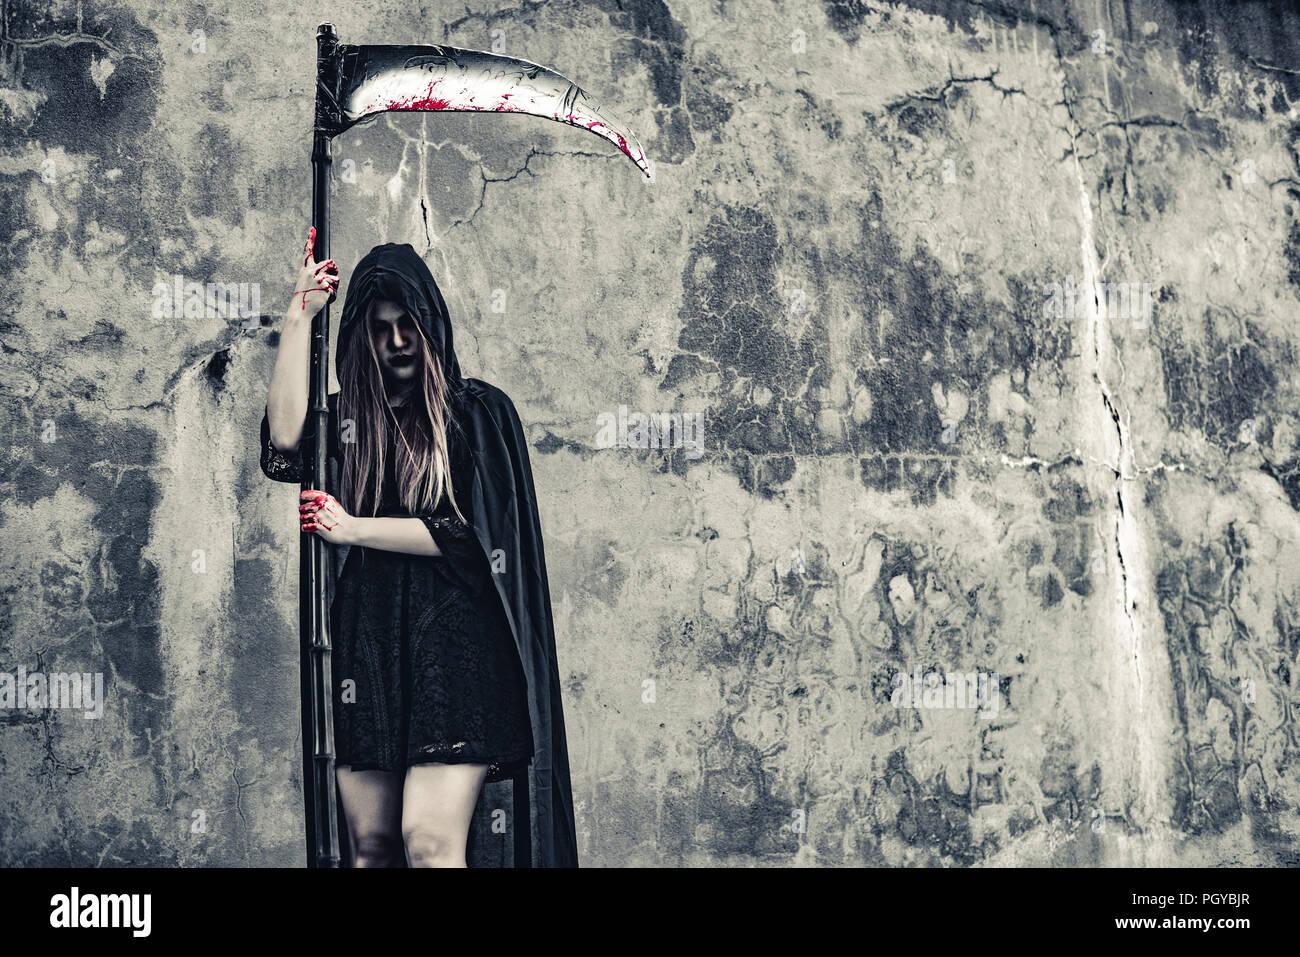 Demon strega con reaper in piedi nella parte anteriore della parete di grunge background. Halloween e la concezione religiosa. Demon angel e tema di Satana. Immagini Stock